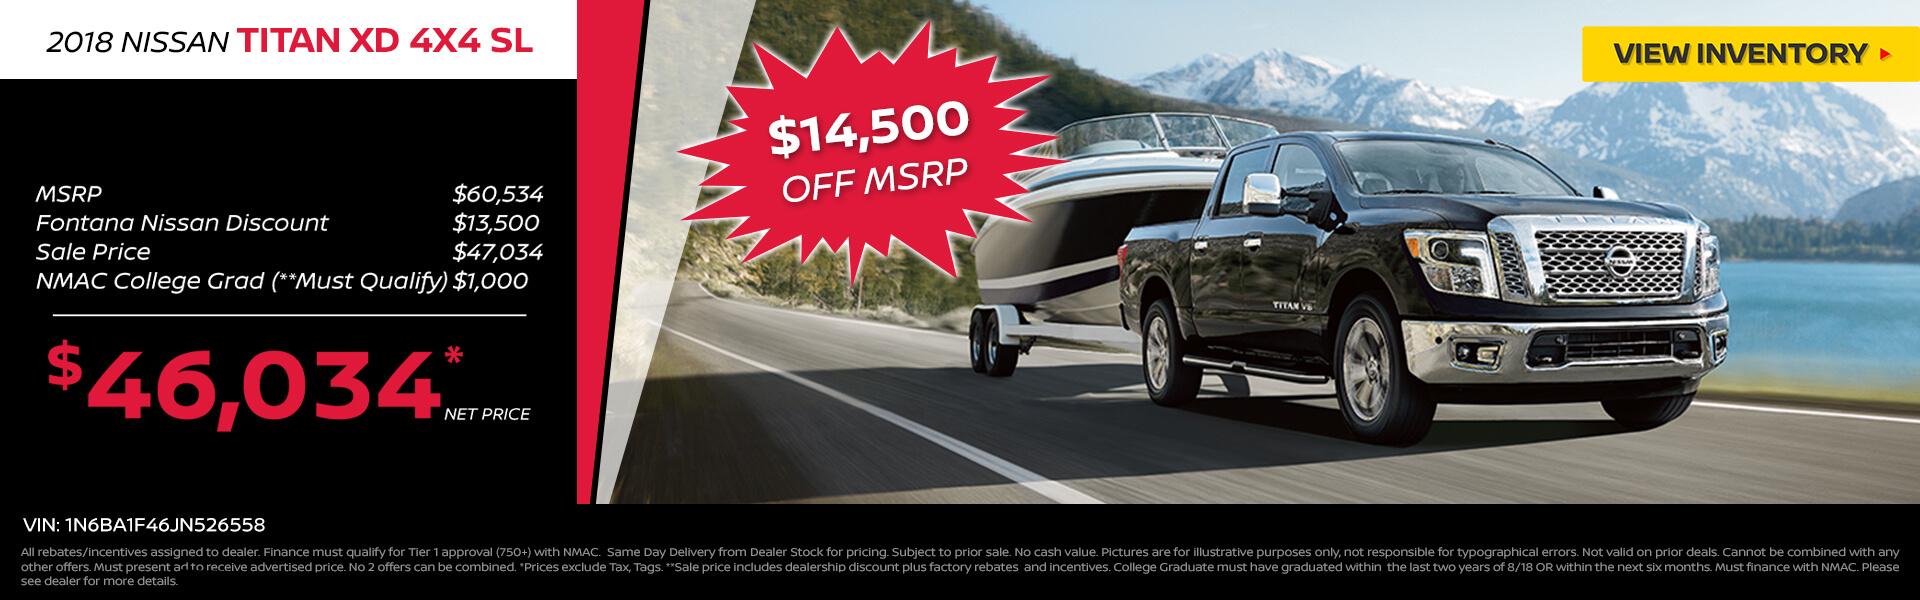 Nissan Titan XD 4x4 SL $14,500 Off MSRP